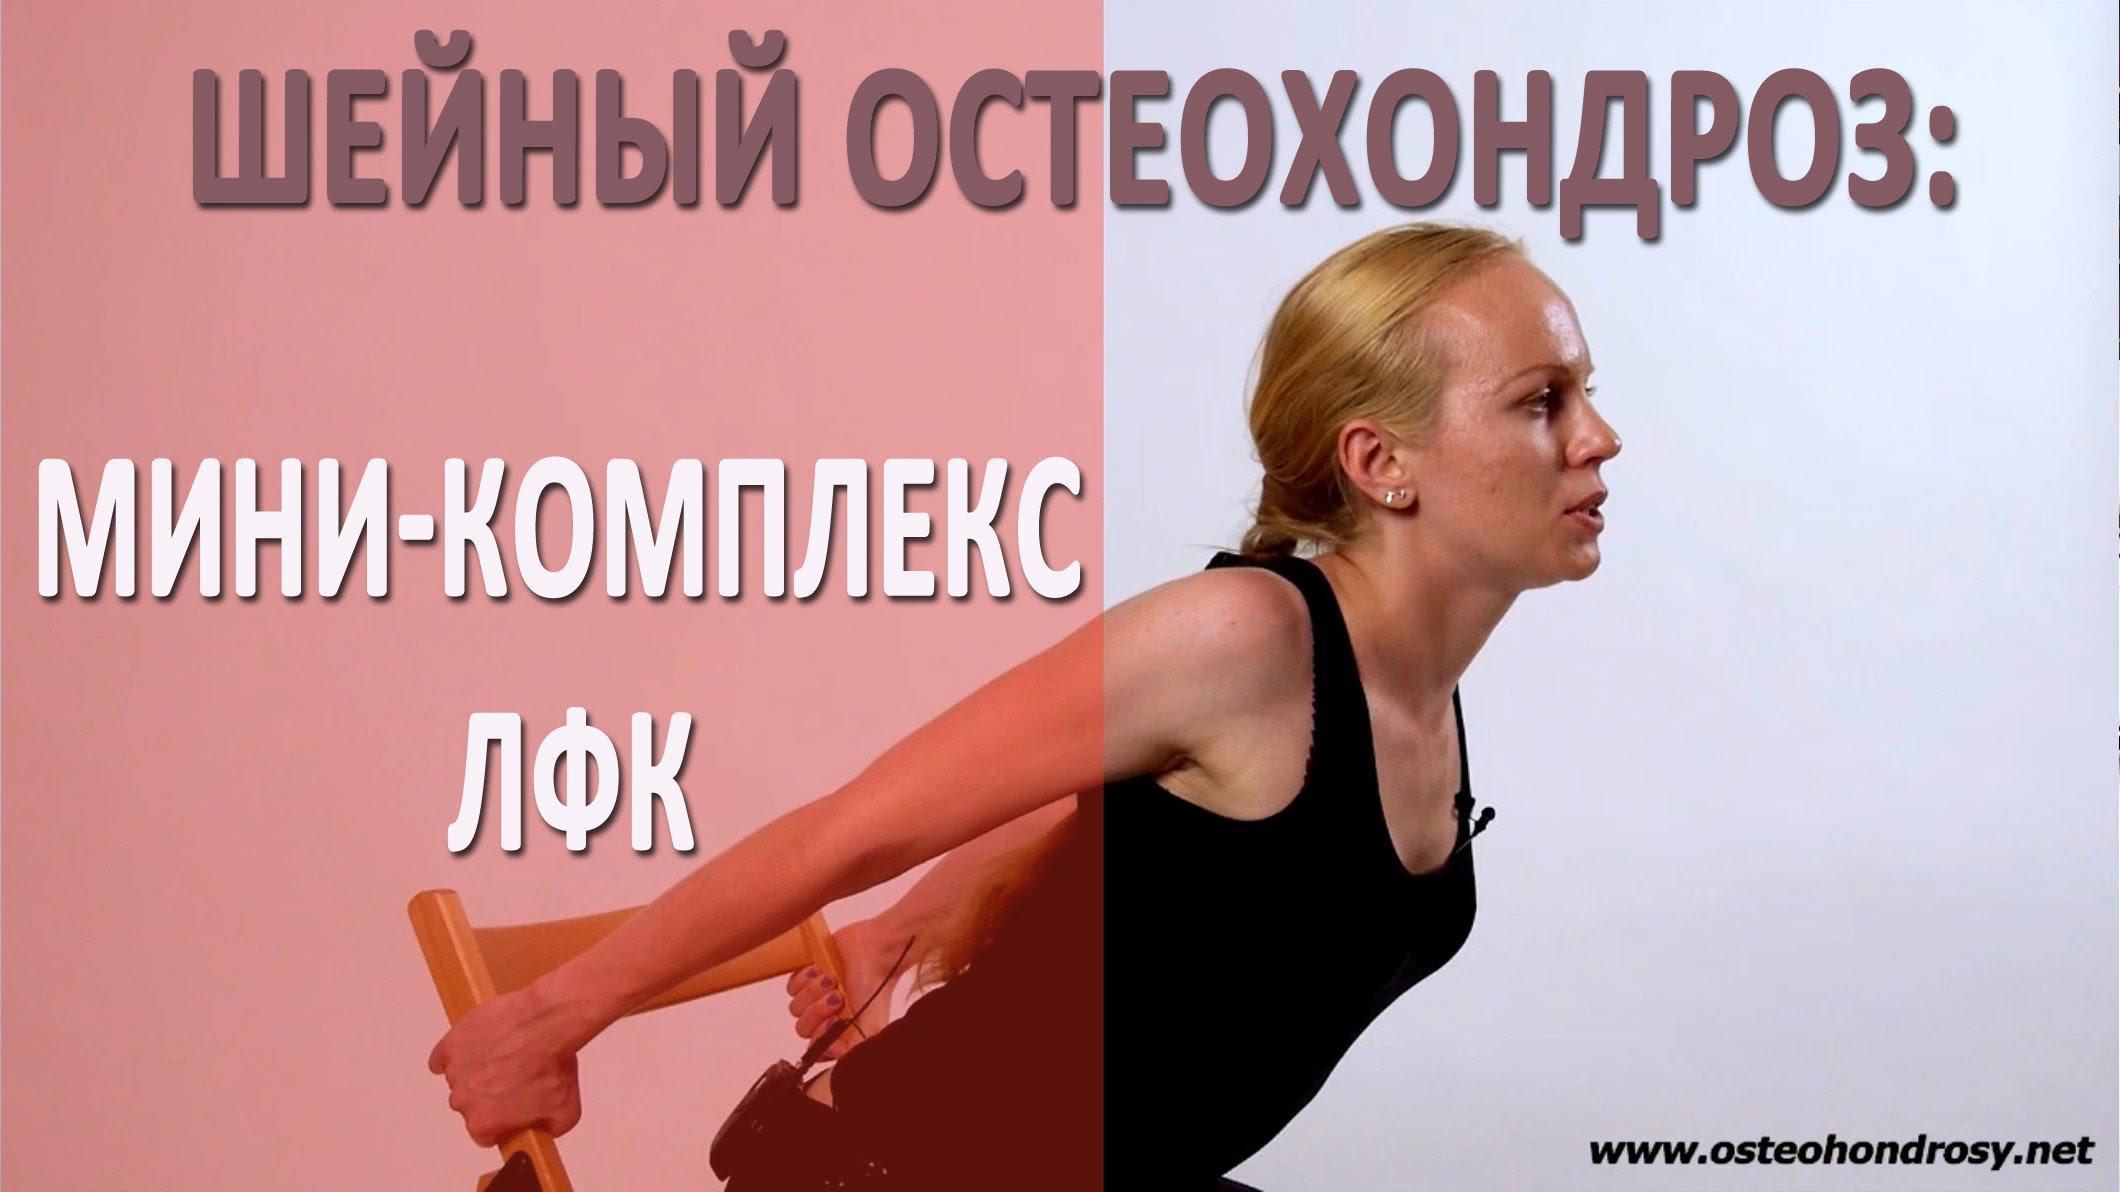 Упражнения в домашних условиях при шейном остеохондрозе 85